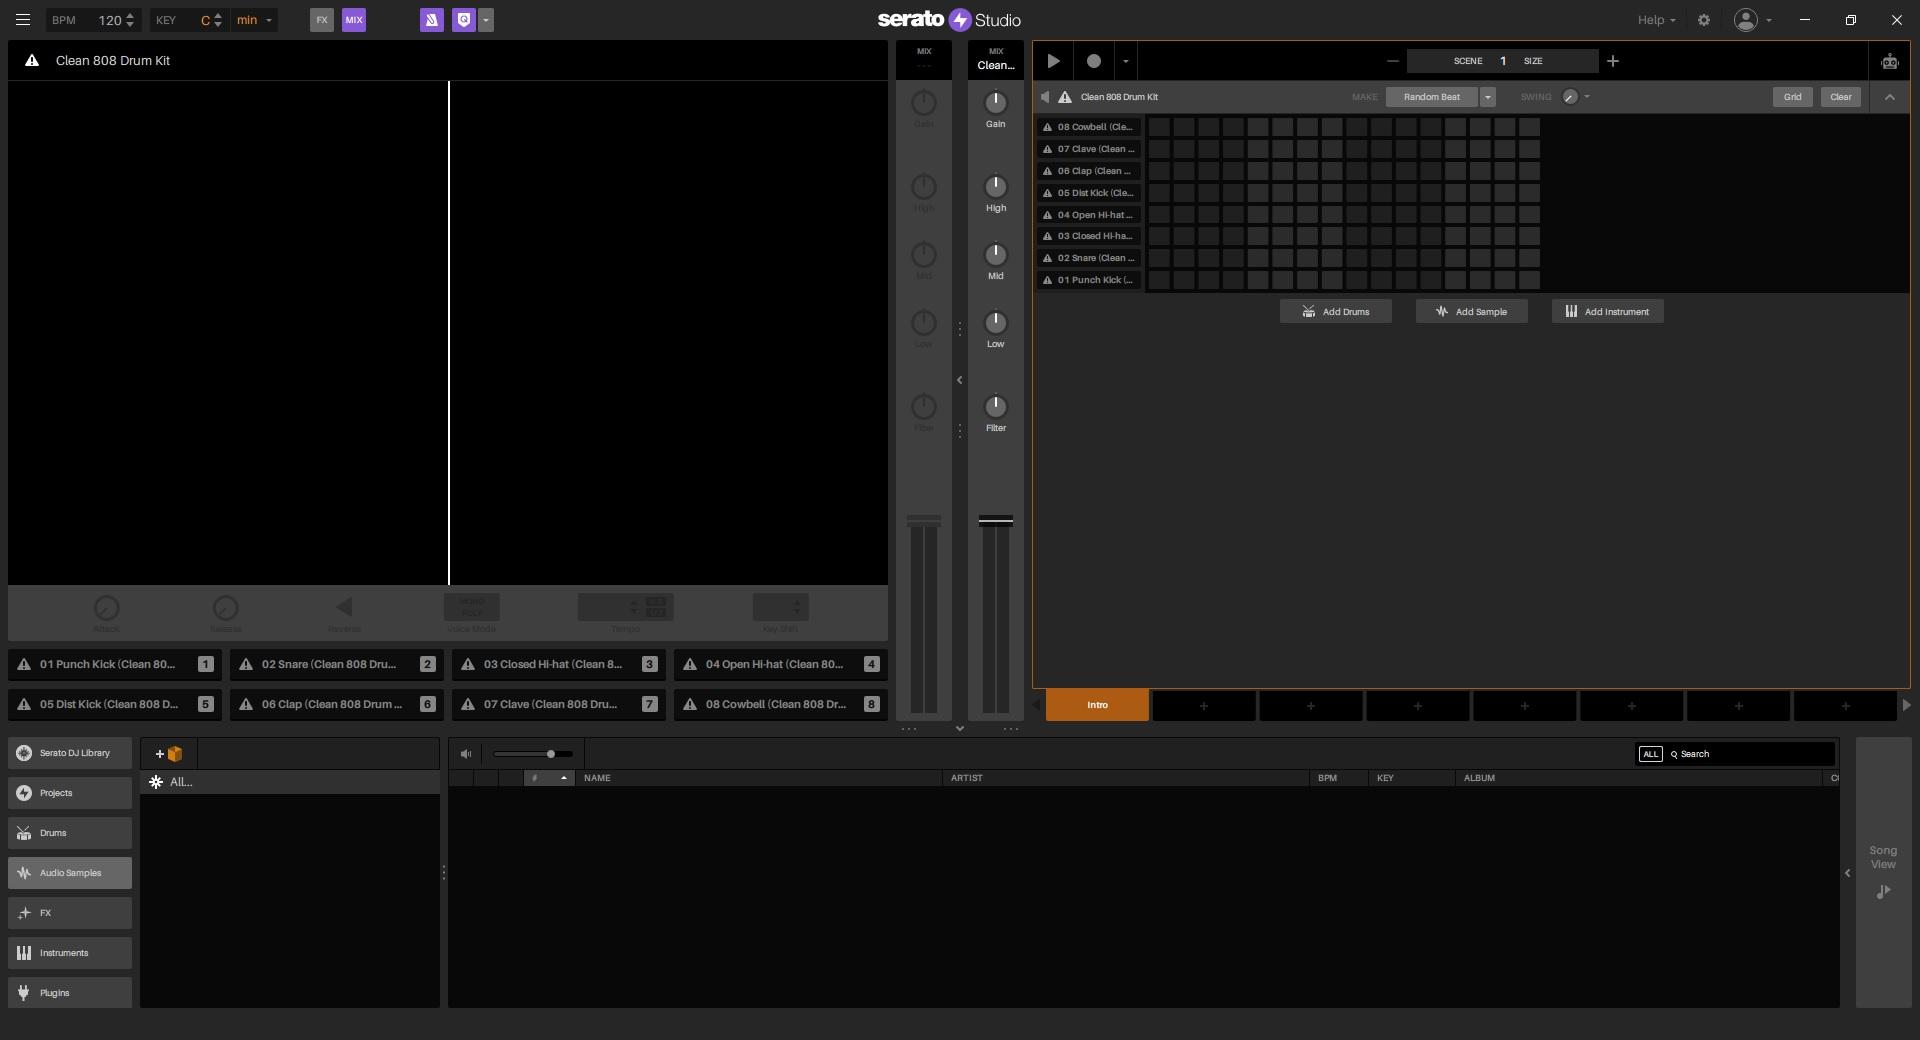 Serato Studio v1.0.0 x64 - ENG